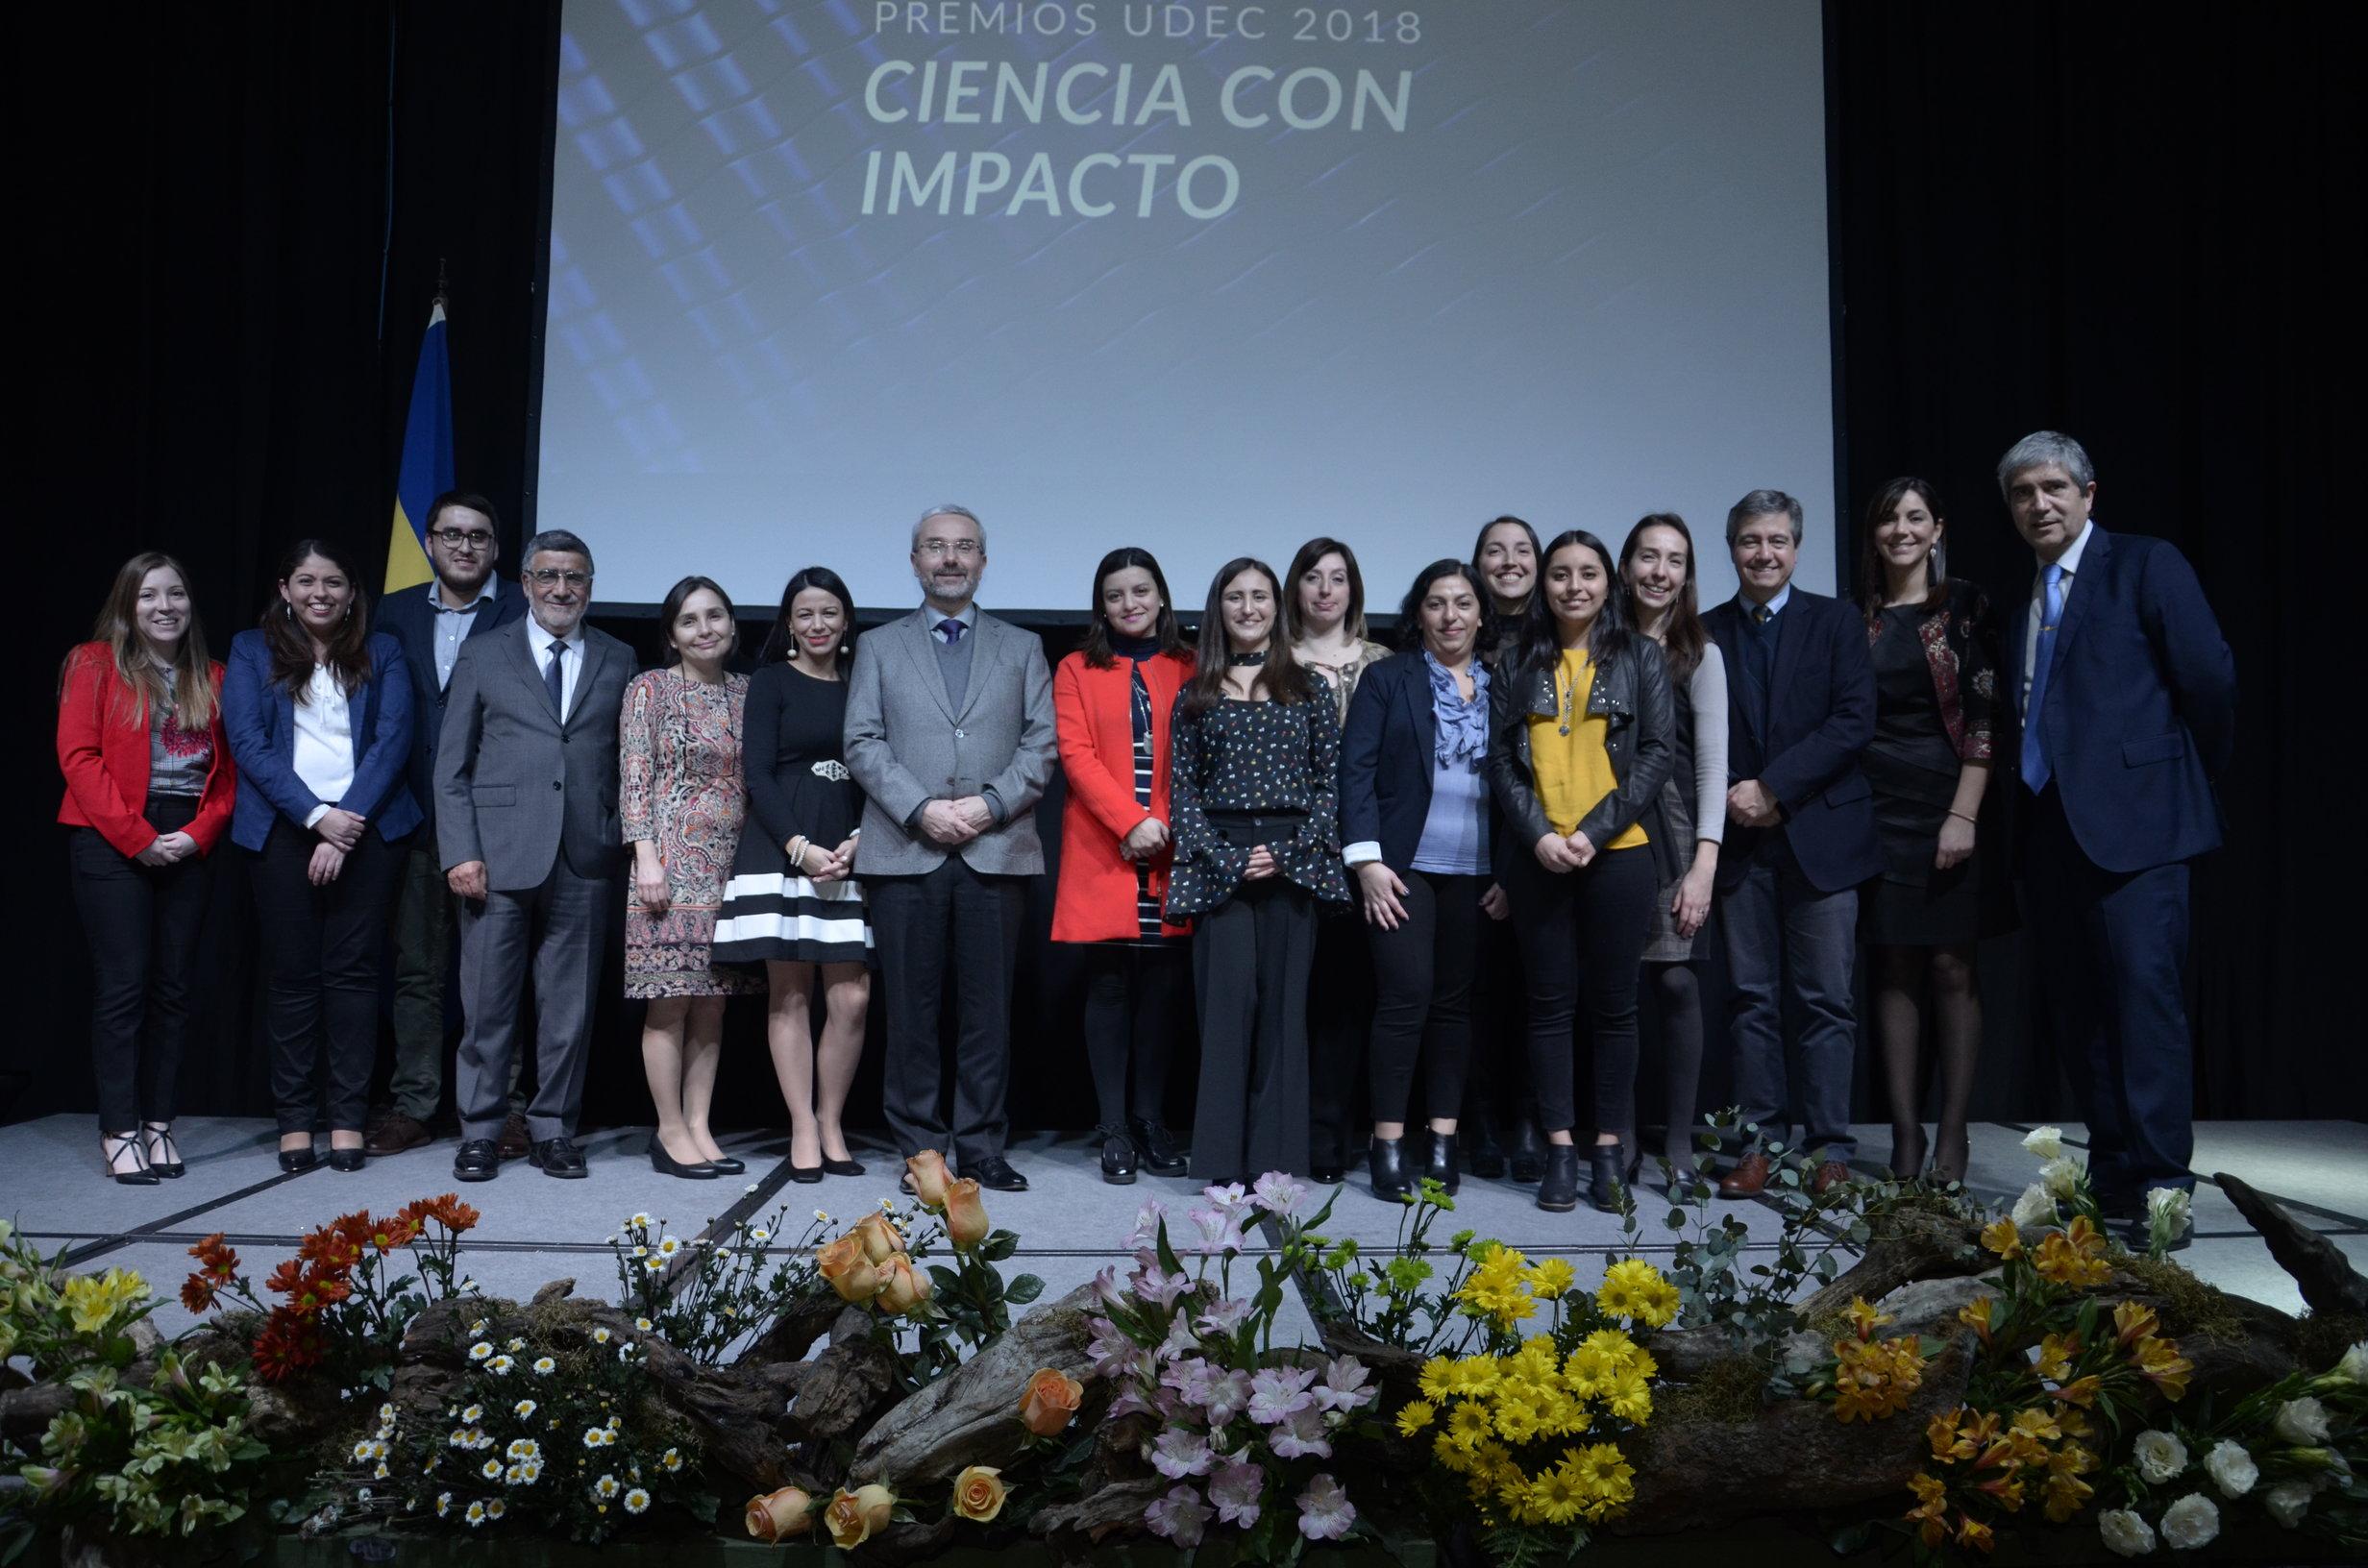 UdeC entregó reconocimiento a investigadores por su aporte a la sociedad